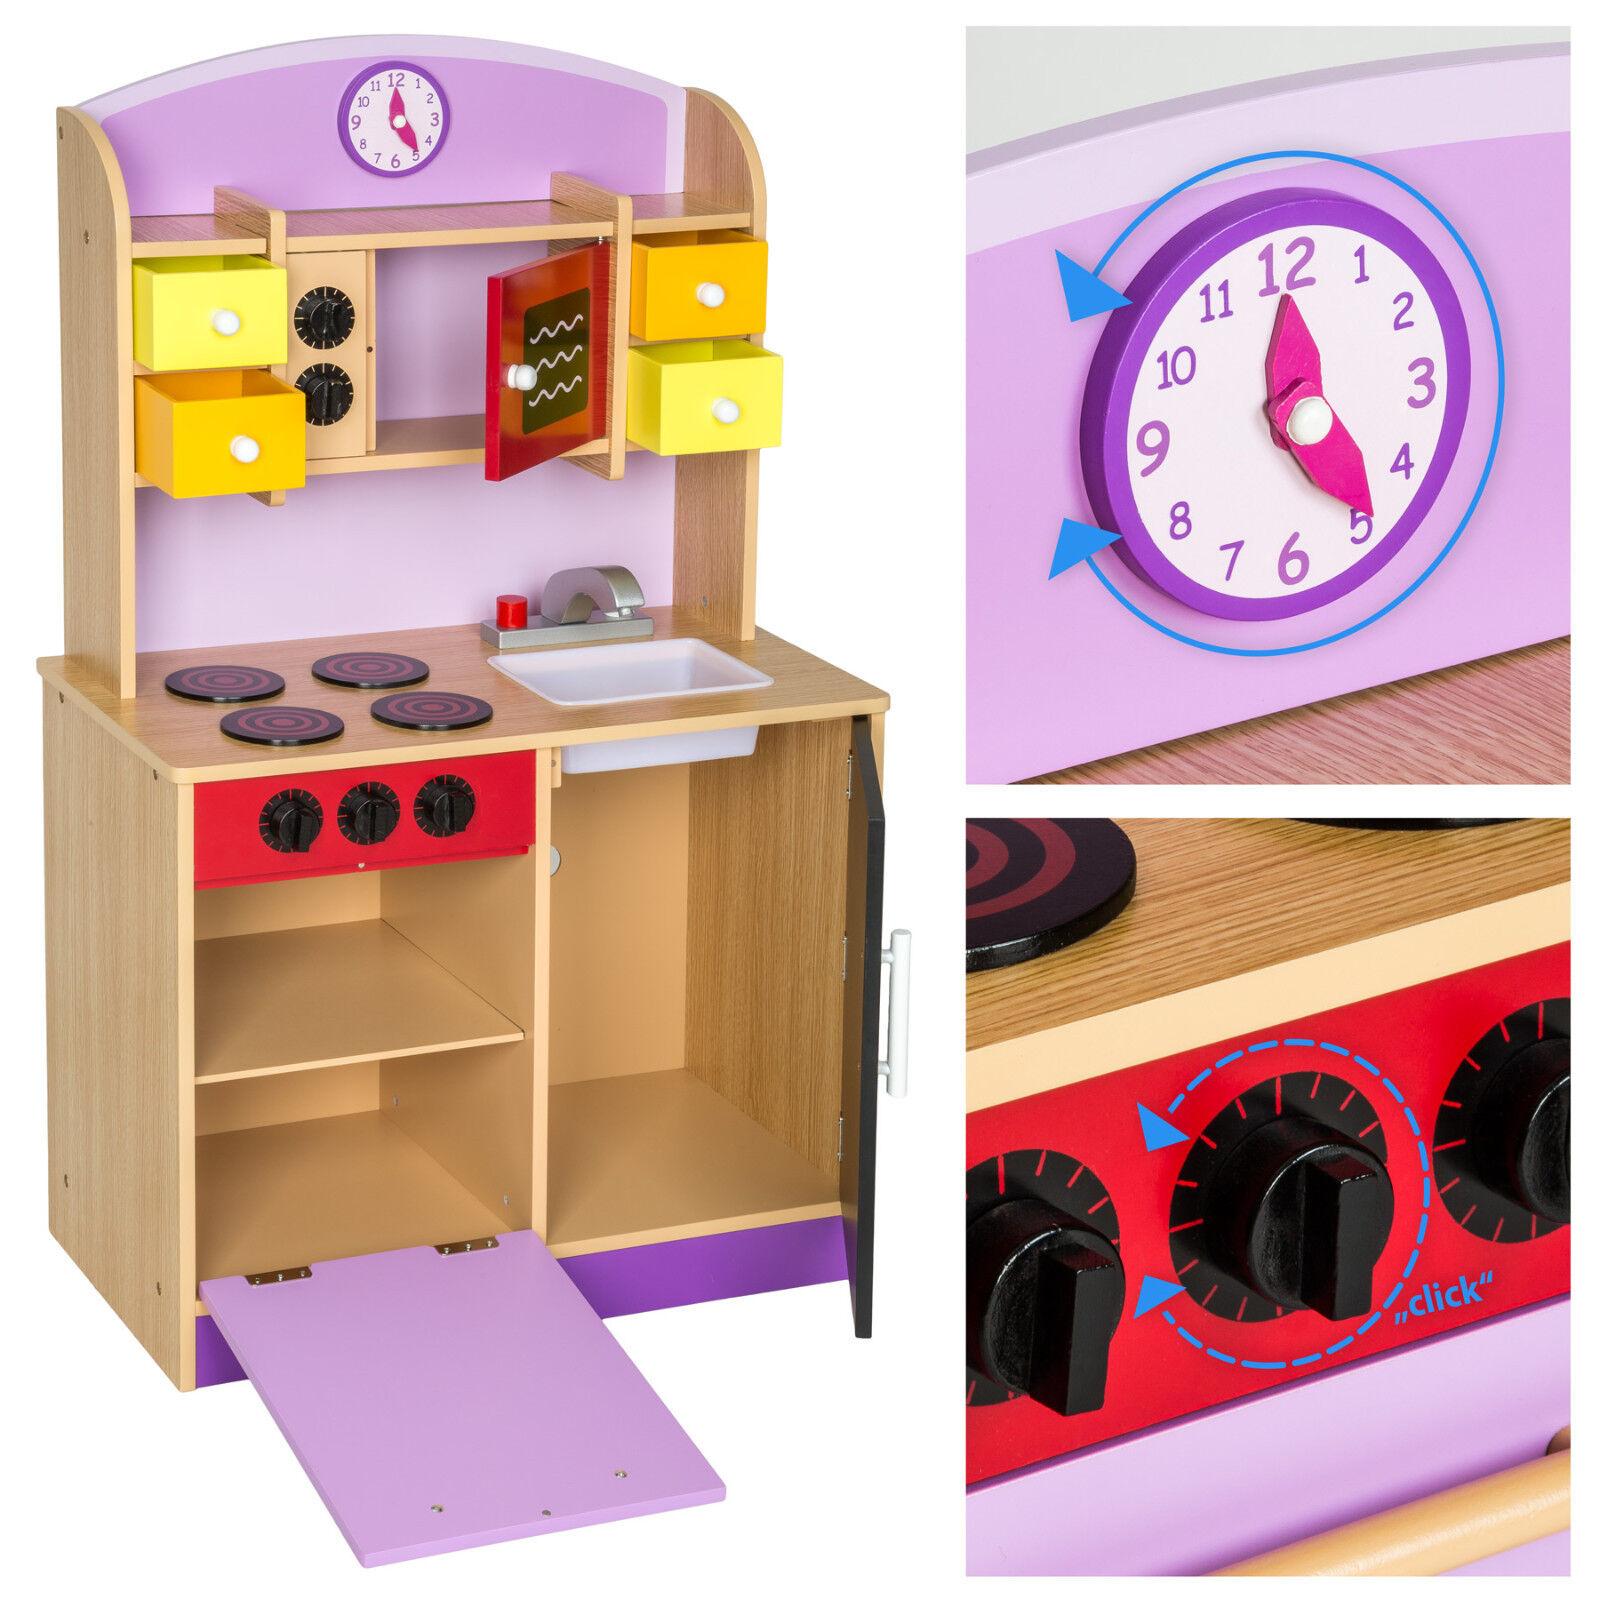 kinderspielküche holz | jtleigh - hausgestaltung ideen